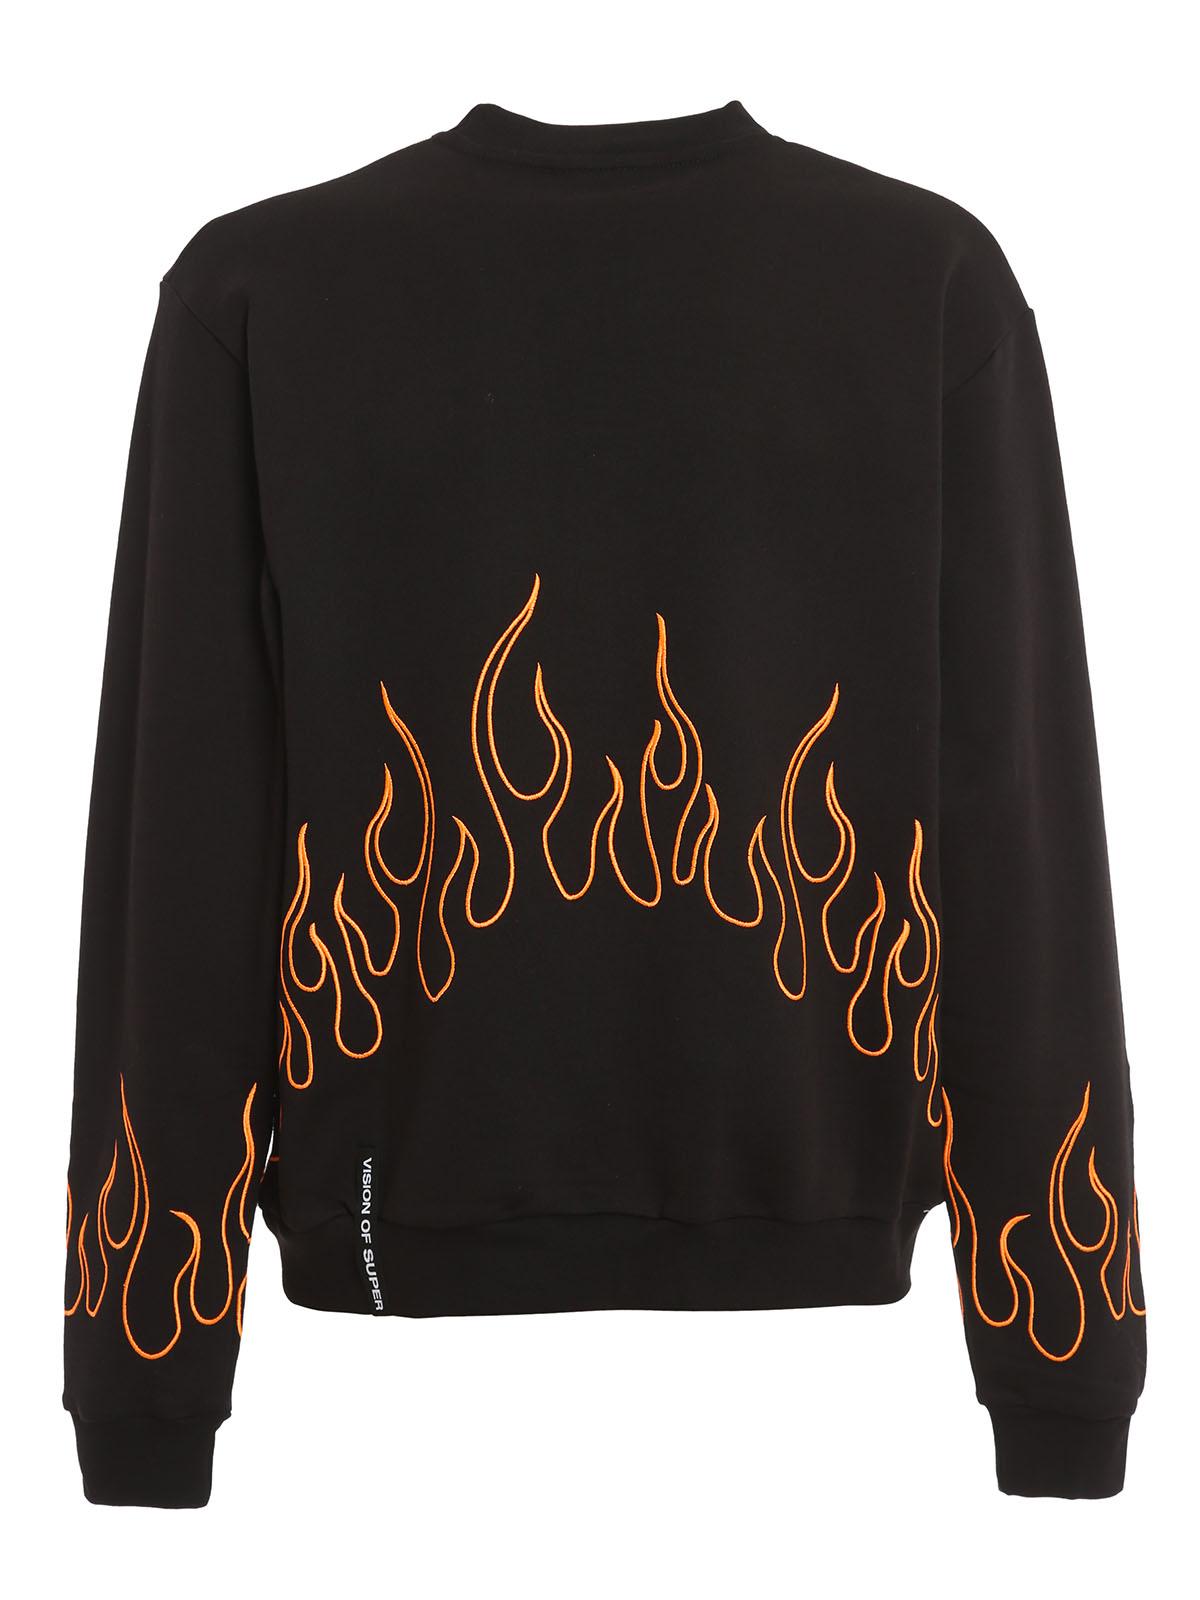 Immagine di Vision Of Super | Crewneck Orange Embroidered Flame